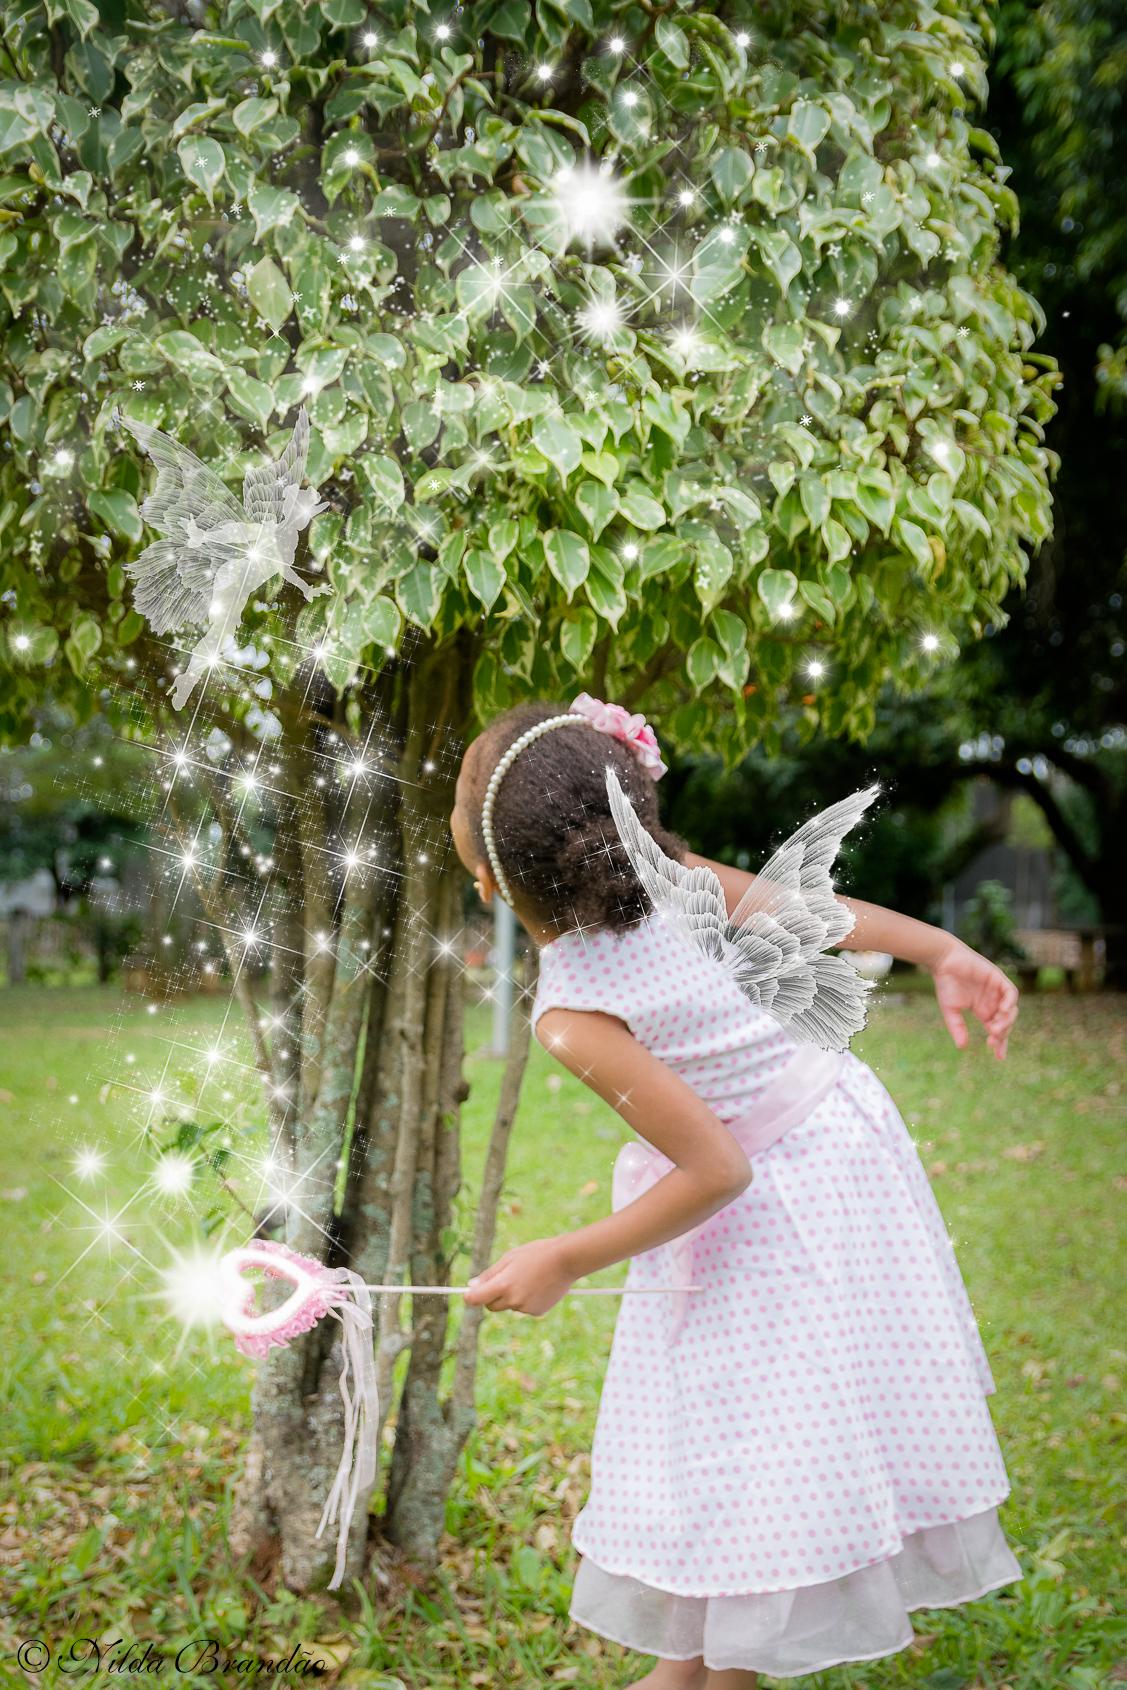 Ensaio infantil de fantasia, Julia faz aparecer uma fadinha com sua varinha magica.